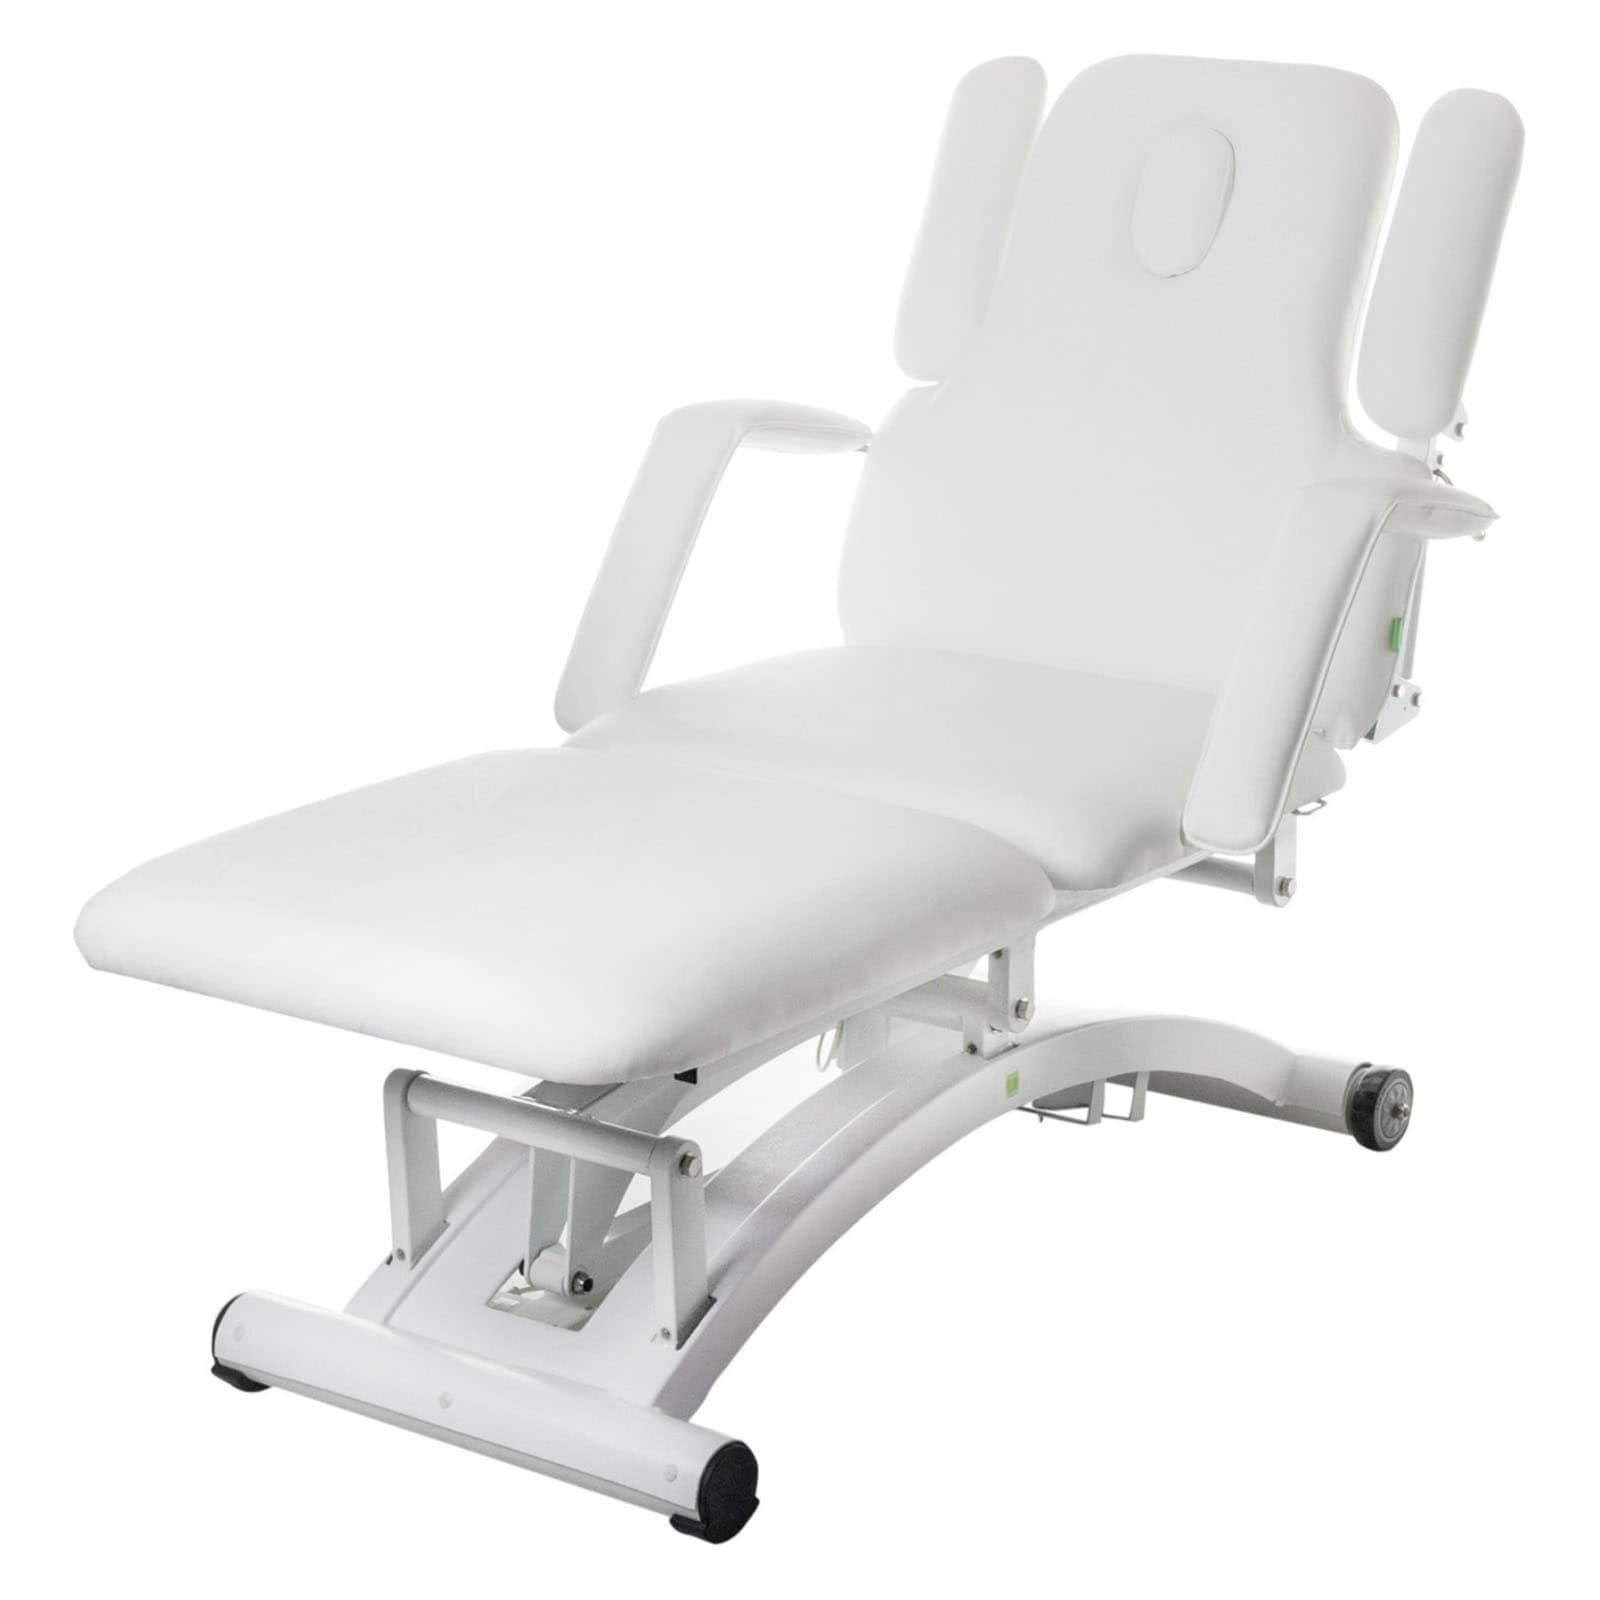 ElektryczneBiałe łózko do masażu Divine - elektryczne łóżko do masażu Divine - Białe